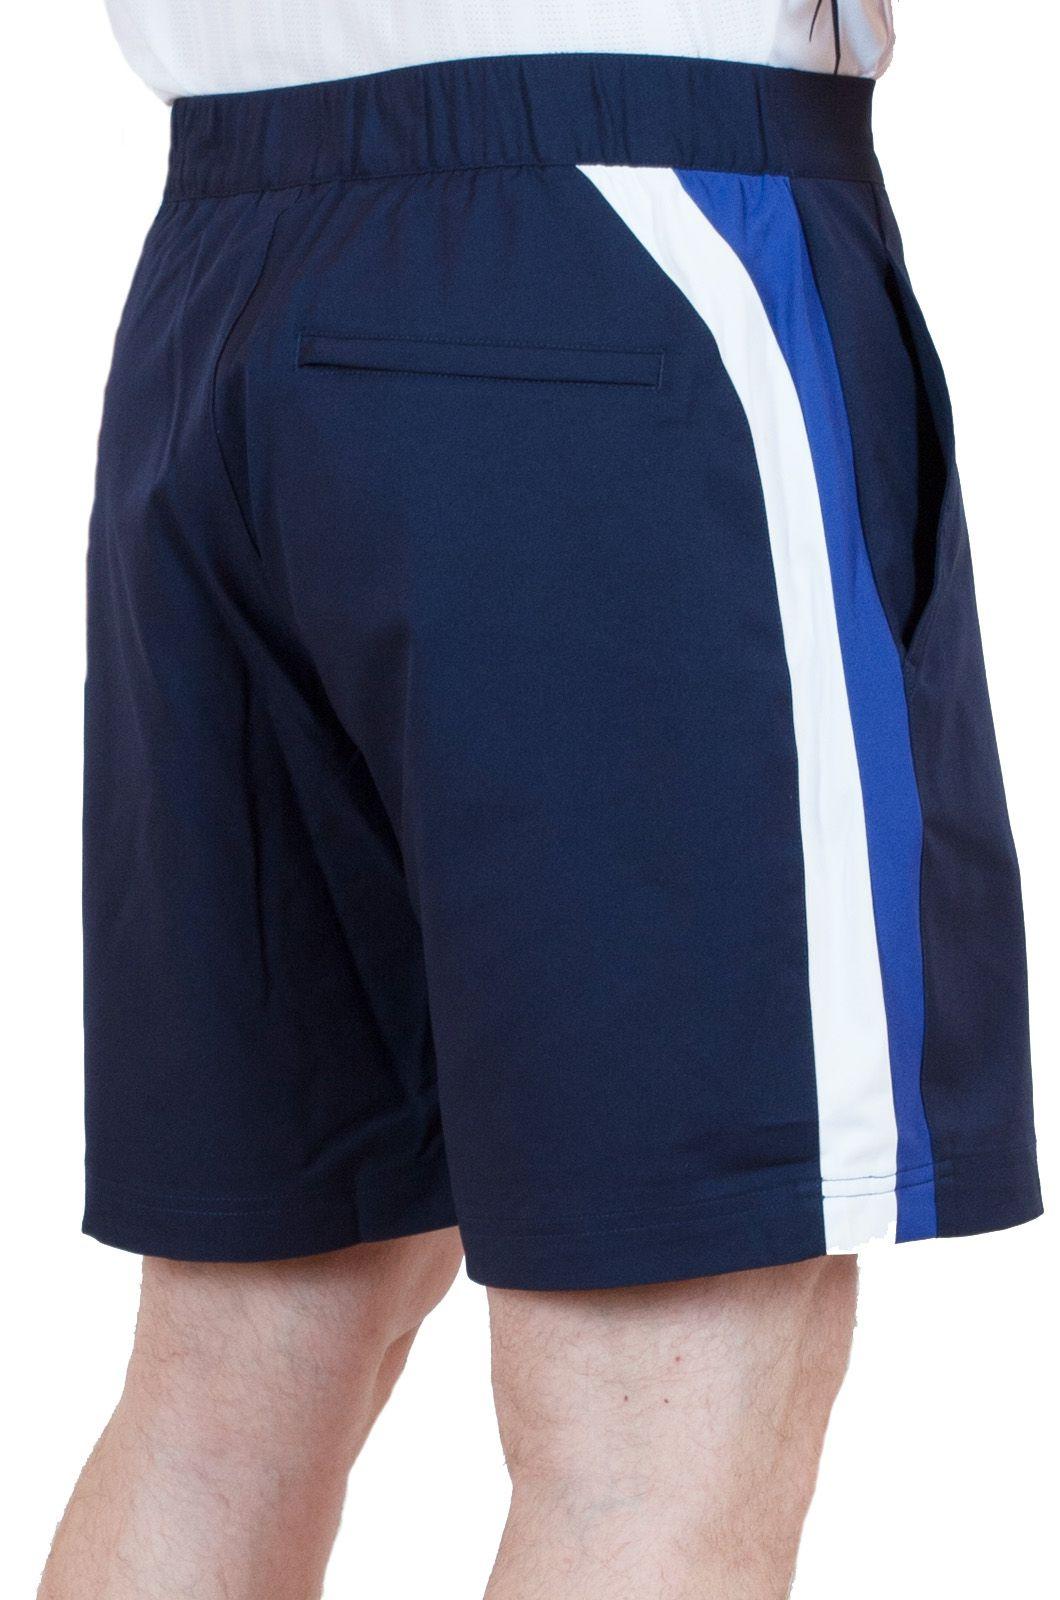 Синие шорты для мужчин с боковыми полосками - вид сзади